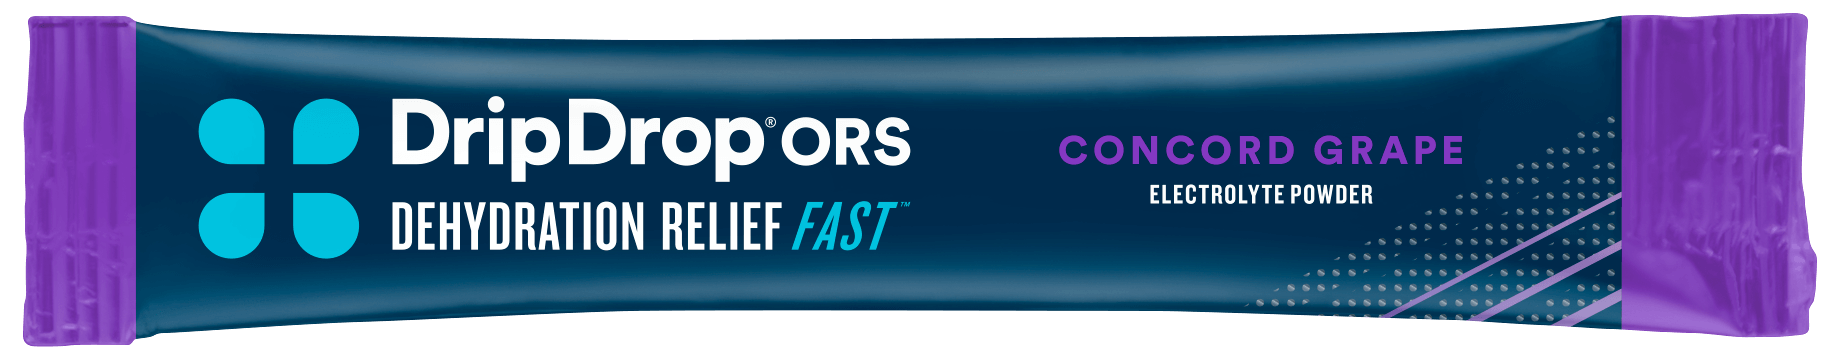 Concord Grape 10g stick